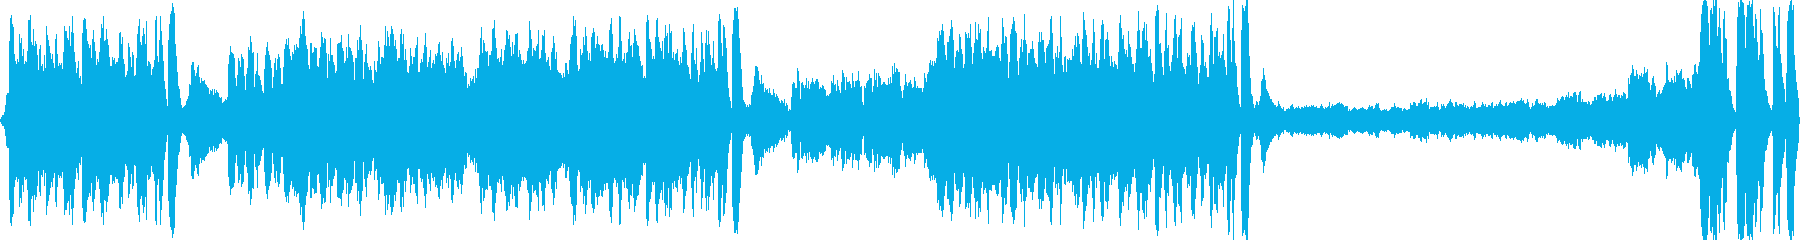 フルオーケストラ・戦闘・ボス・ループの再生済みの波形